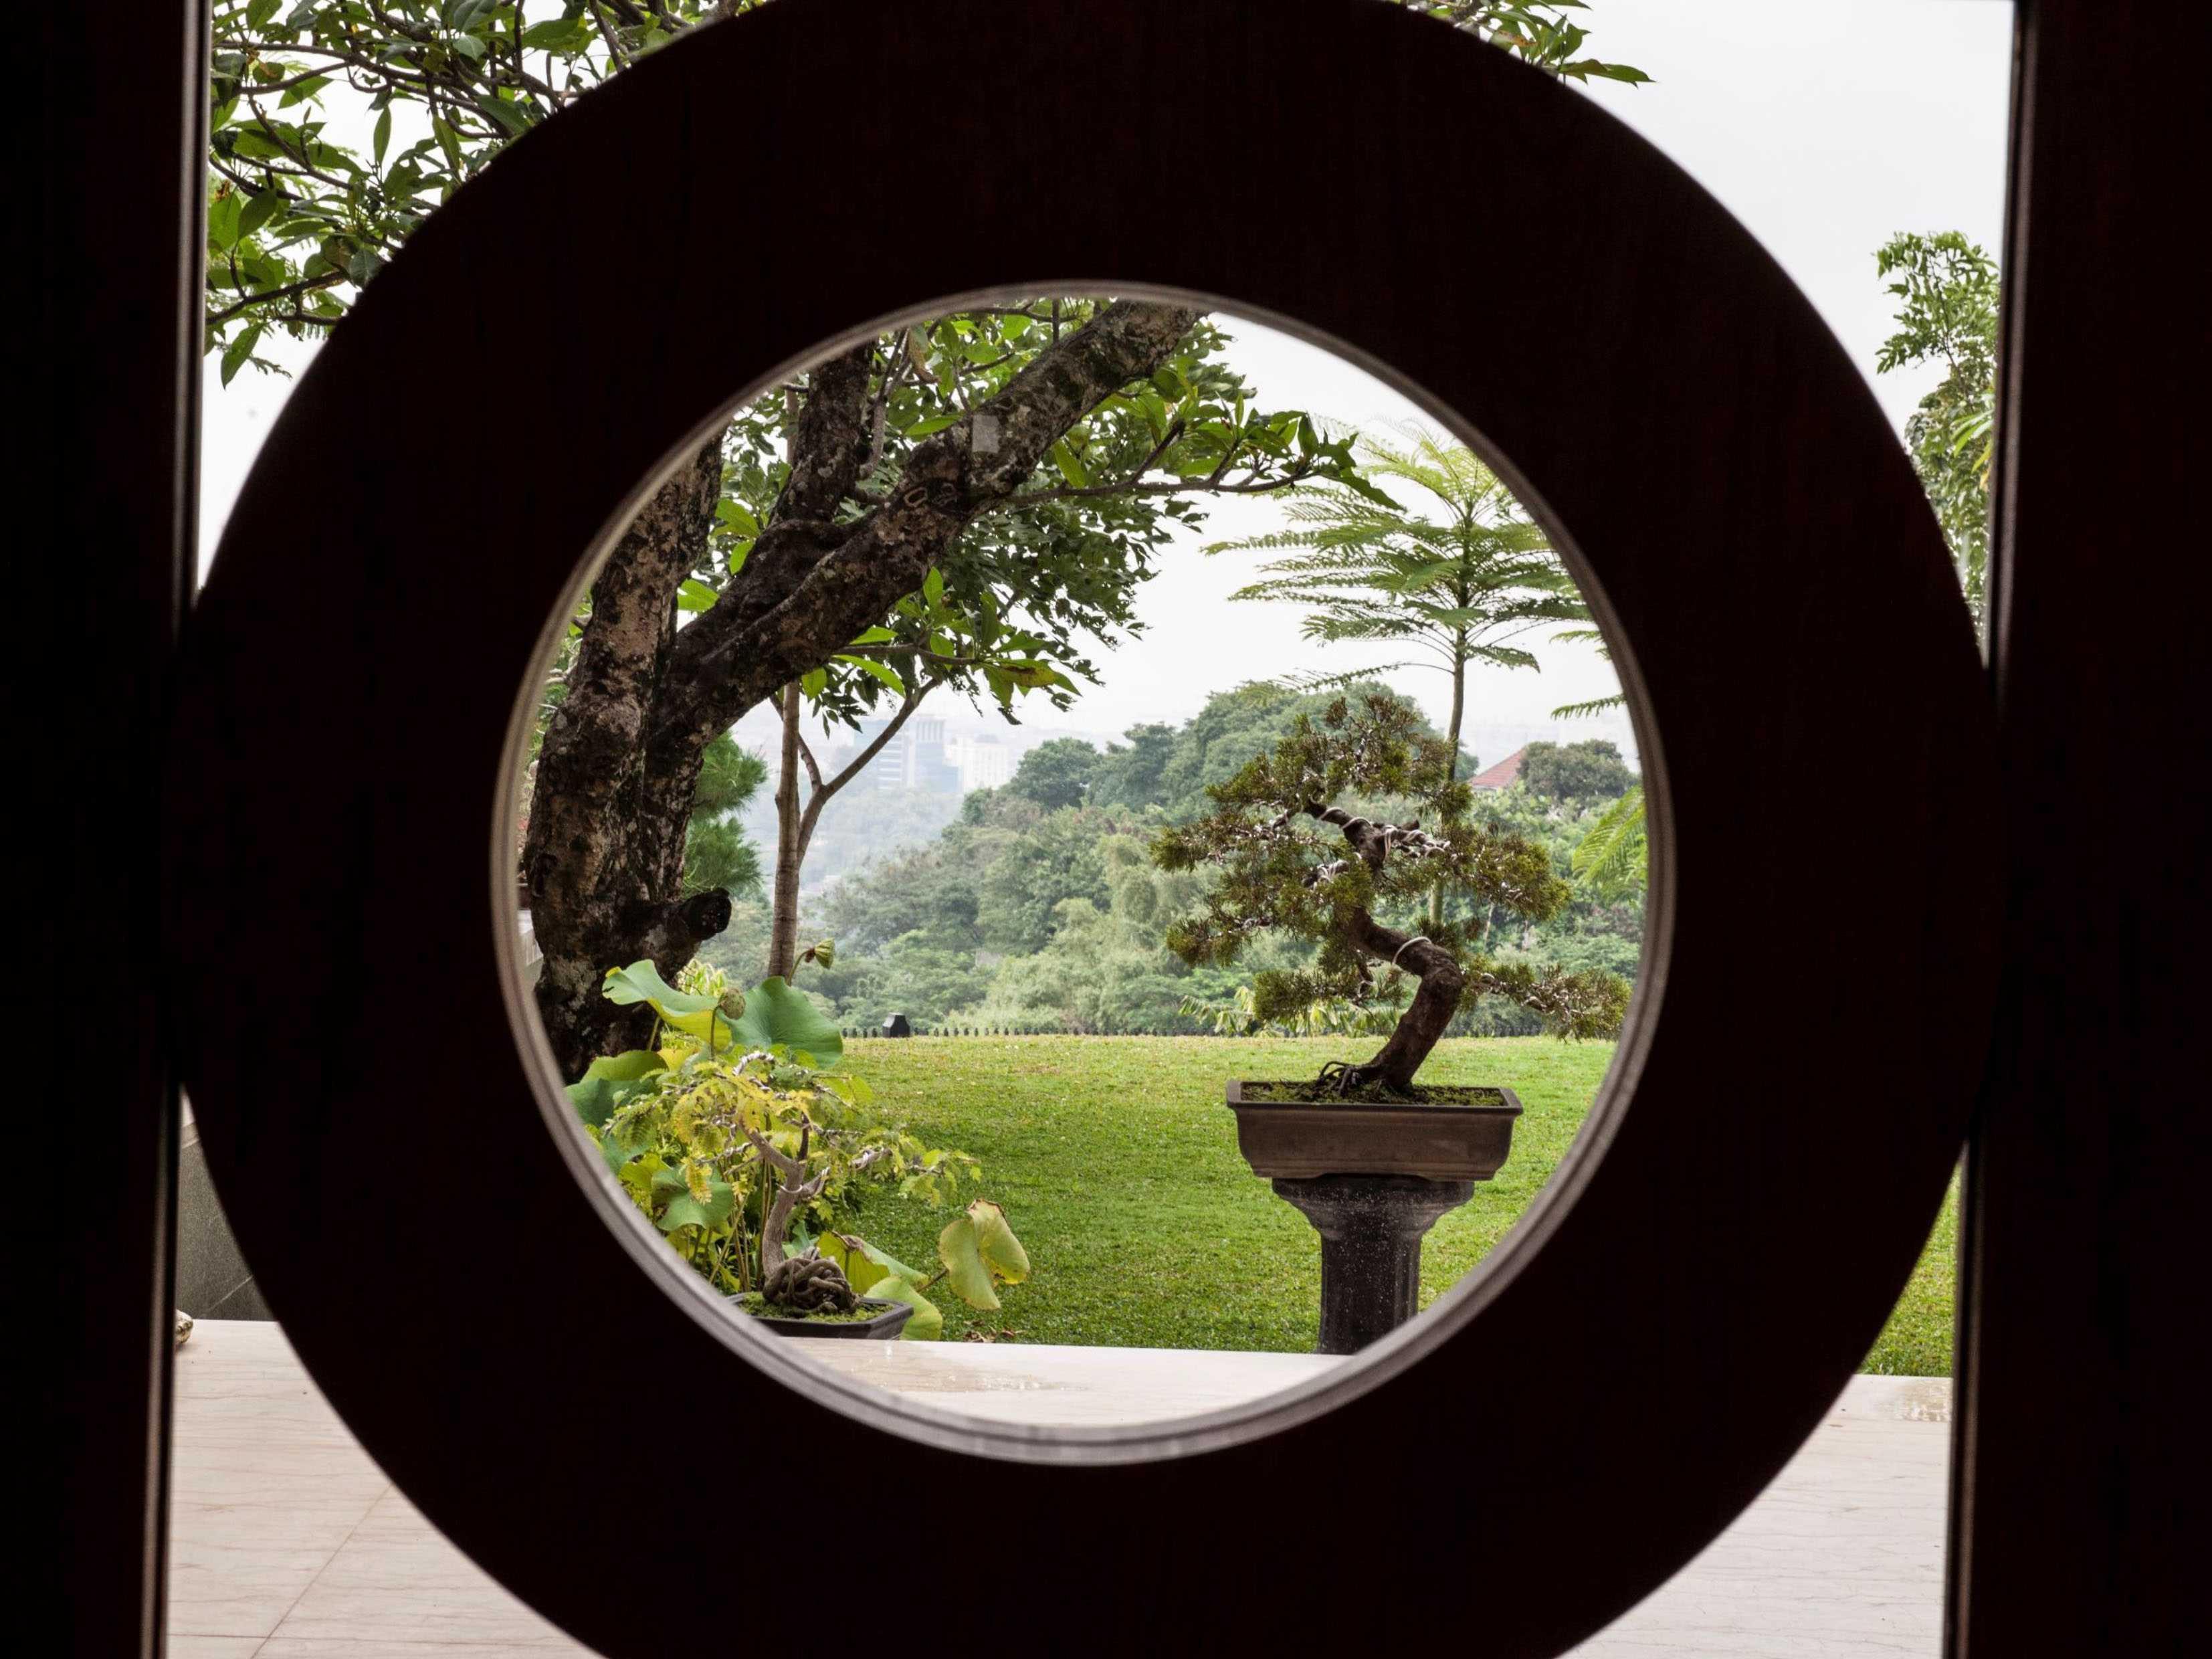 Studio Air Putih Dh_House Argopuro, Semarang Argopuro, Semarang Terrace View Klasik  25120